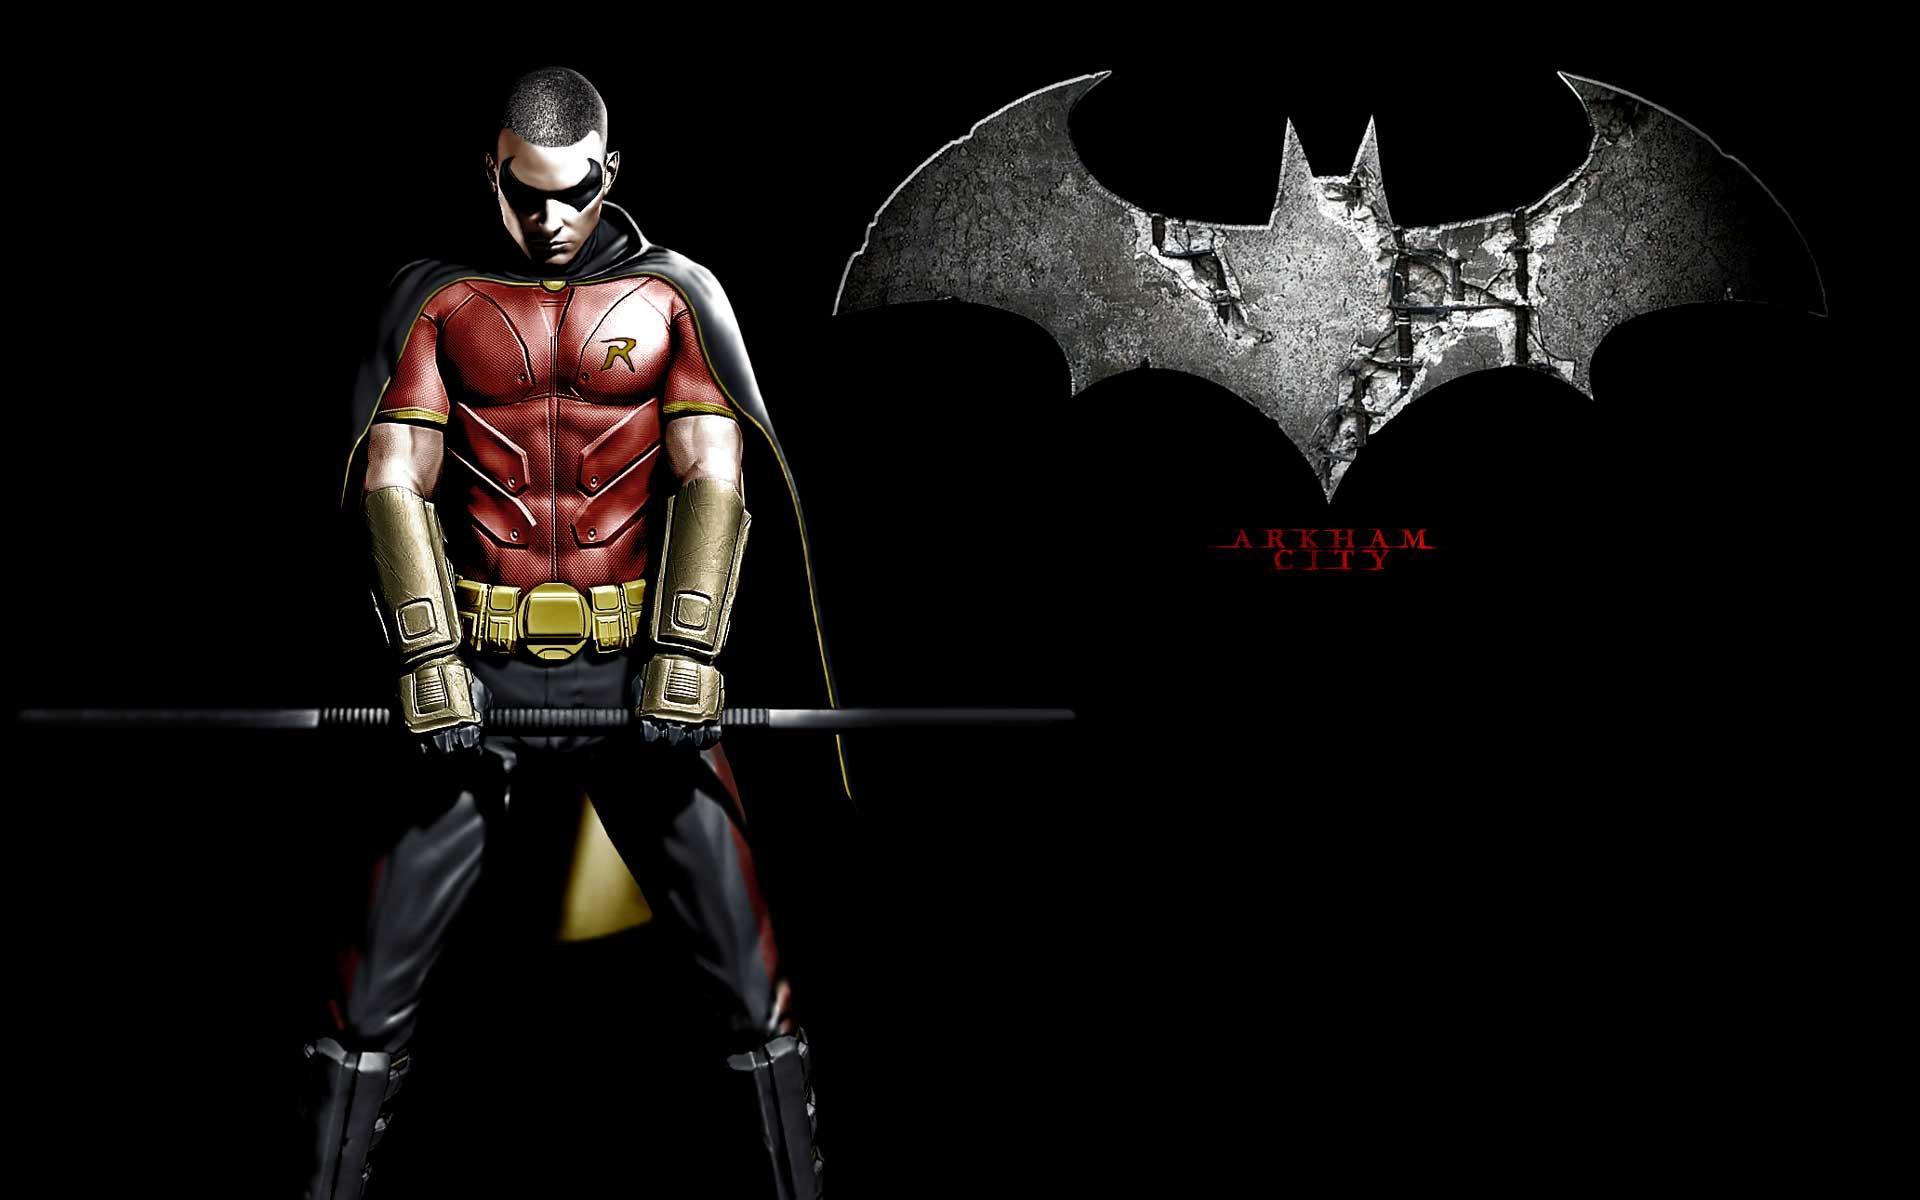 Batman el caballero oscuro Blog Archive Nueva foto HD de Robin 1920x1200